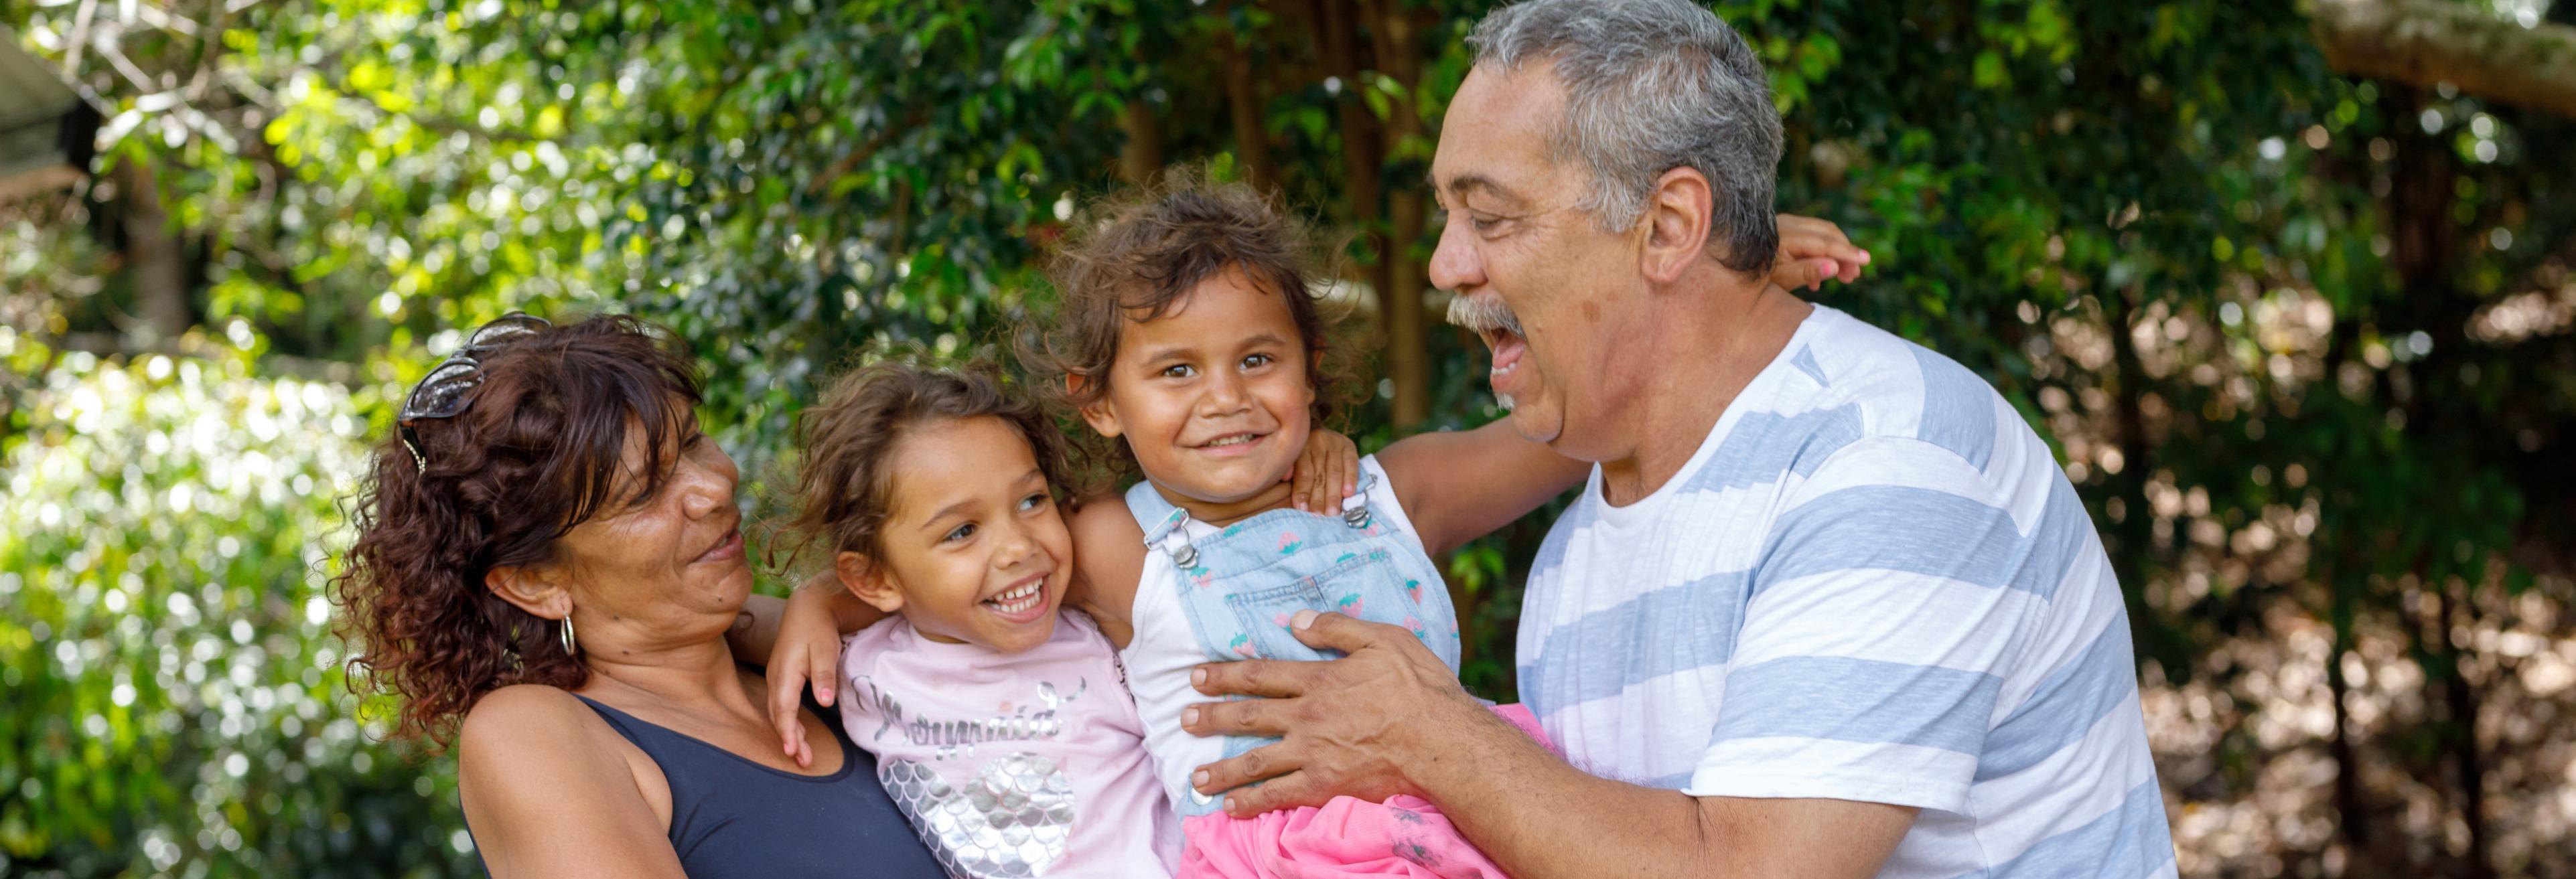 Aboriginal grandparents and grandchildren